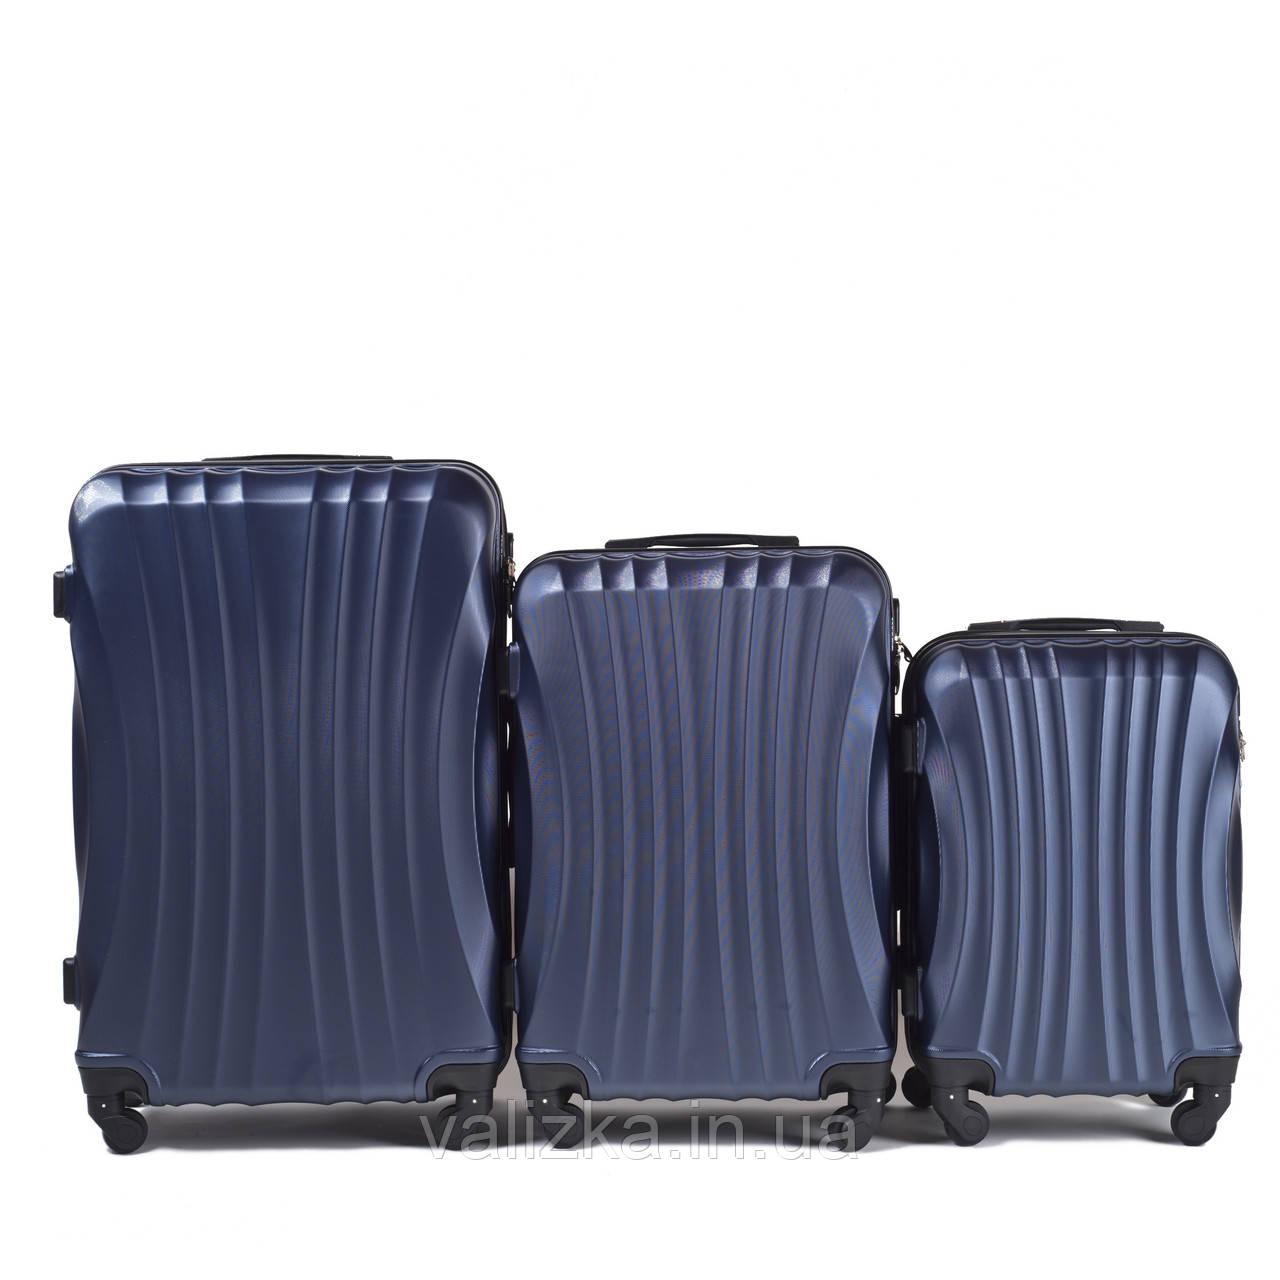 Комплект чемоданов из поликарбоната 3 штуки малый, средний, большой Wings ракушка синий